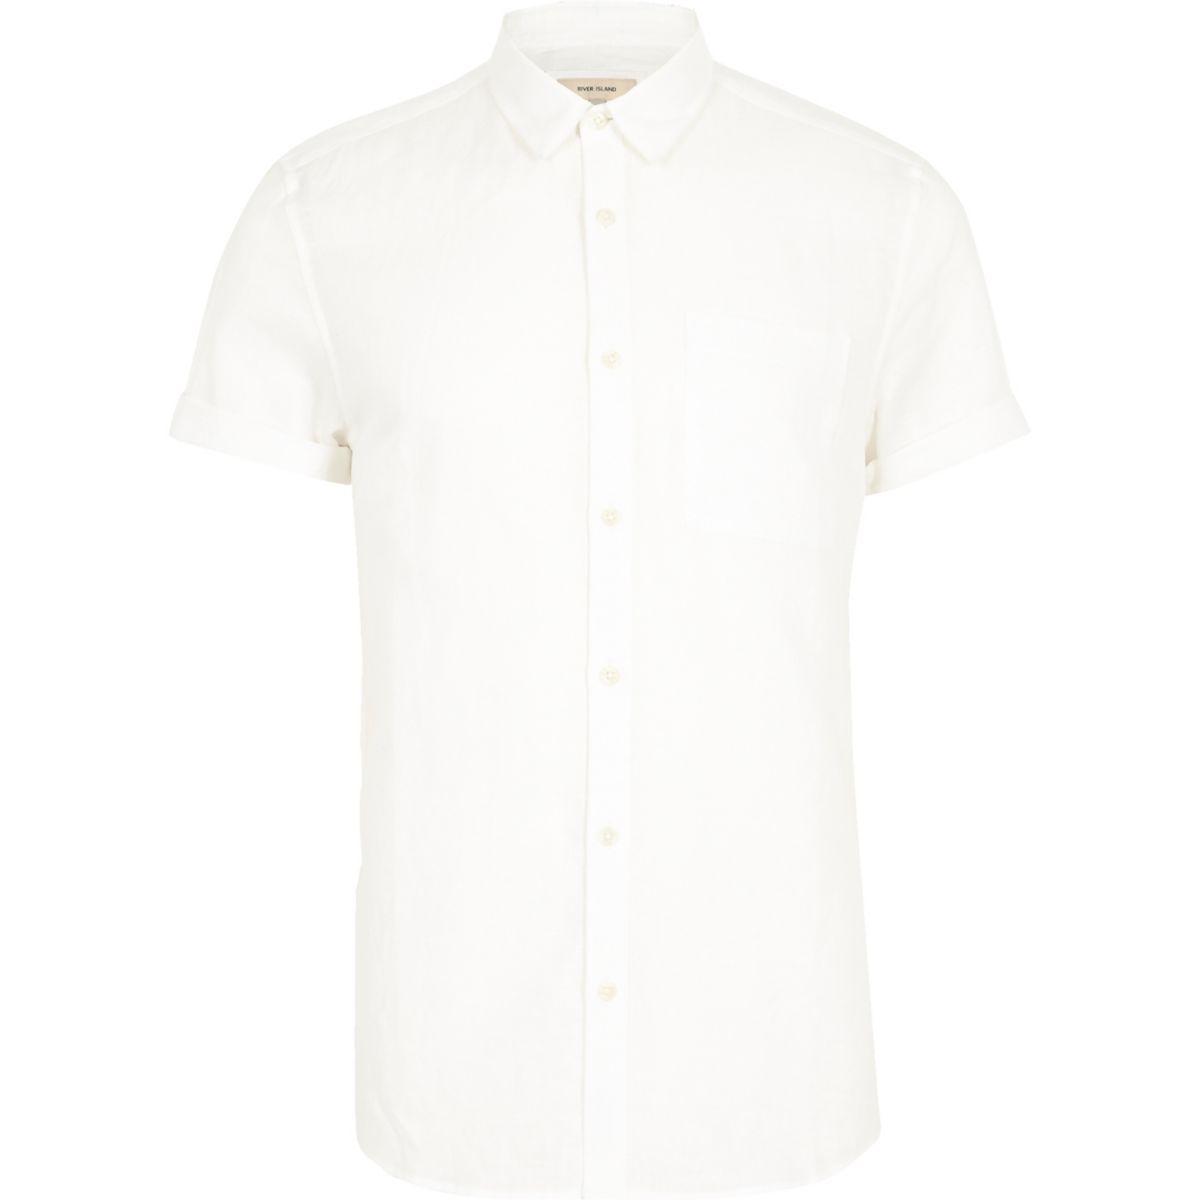 White linen blend short sleeve casual shirt